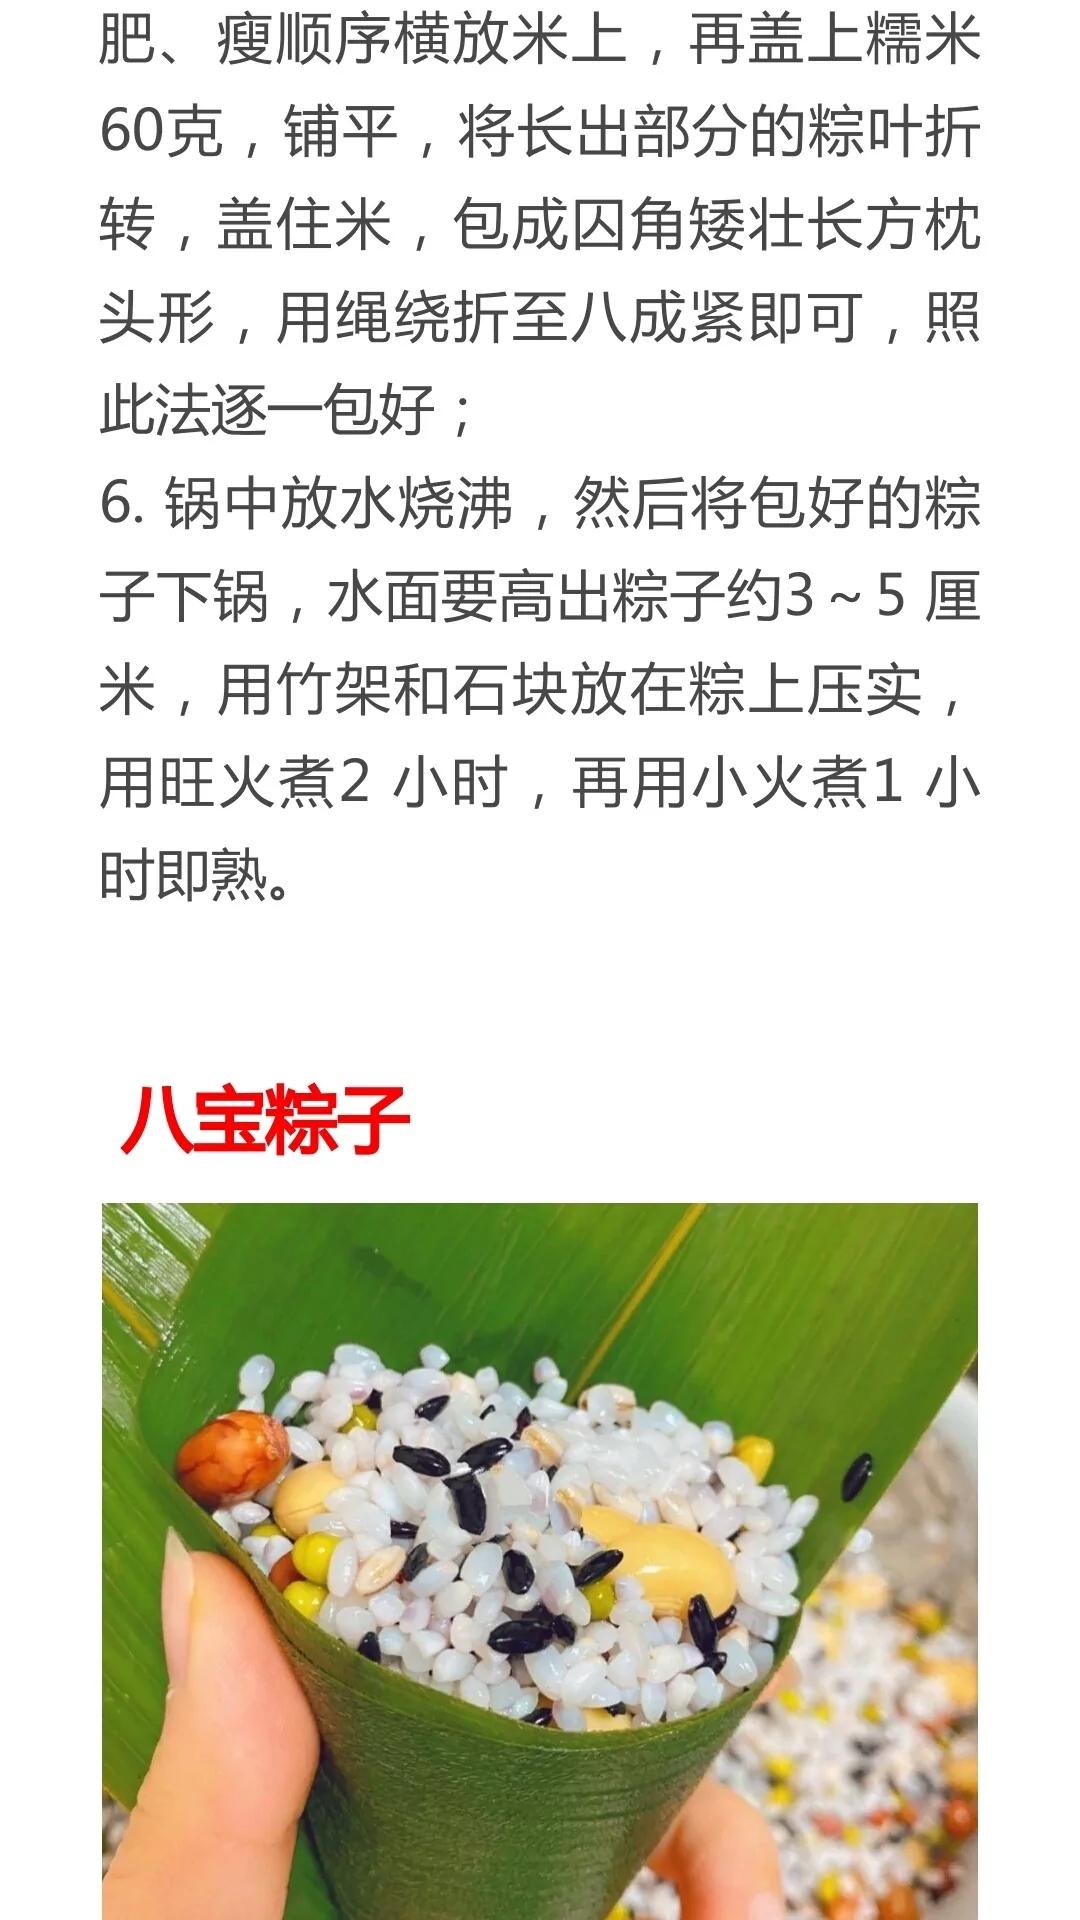 16种粽子的做法及配料!粽子馅配方种类大全,粽子制作方法教程 美食做法 第14张